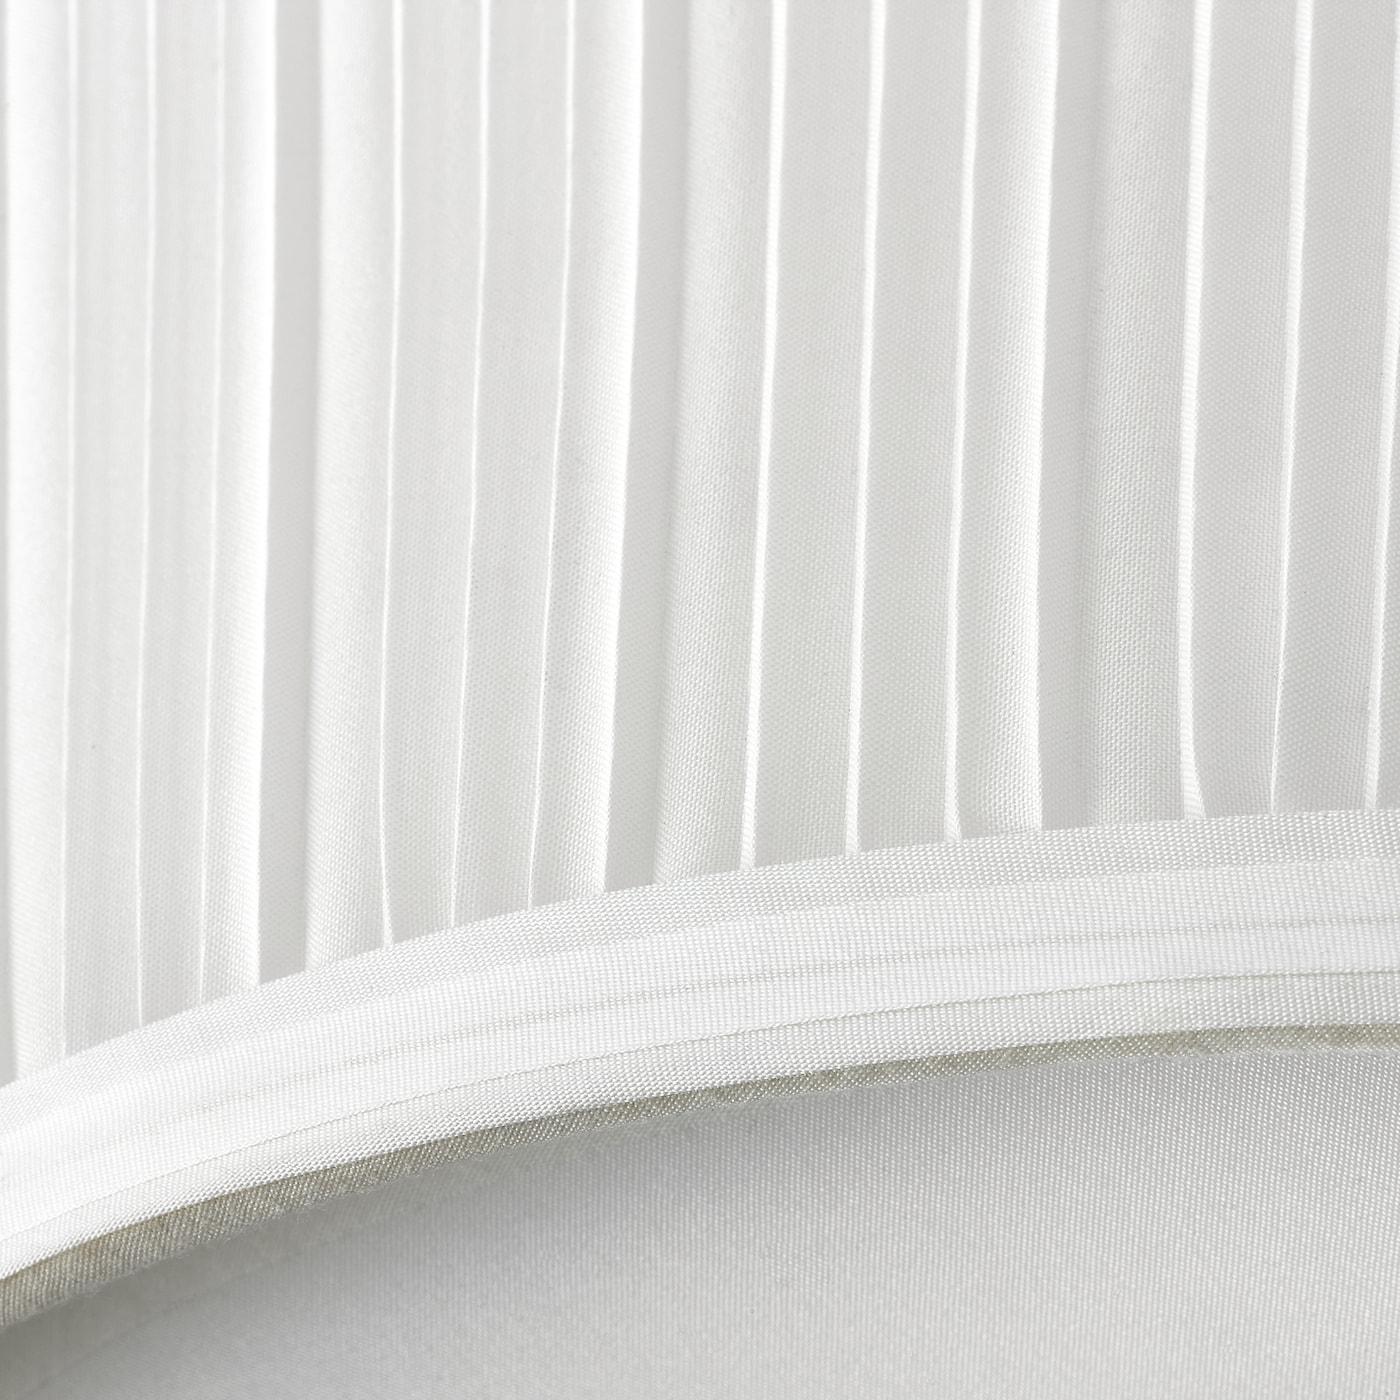 Full Size of Ikea Deckenlampen Rstid Deckenleuchte Wei Deutschland Küche Kosten Miniküche Für Wohnzimmer Betten Bei Modern Modulküche Sofa Mit Schlaffunktion Kaufen Wohnzimmer Ikea Deckenlampen